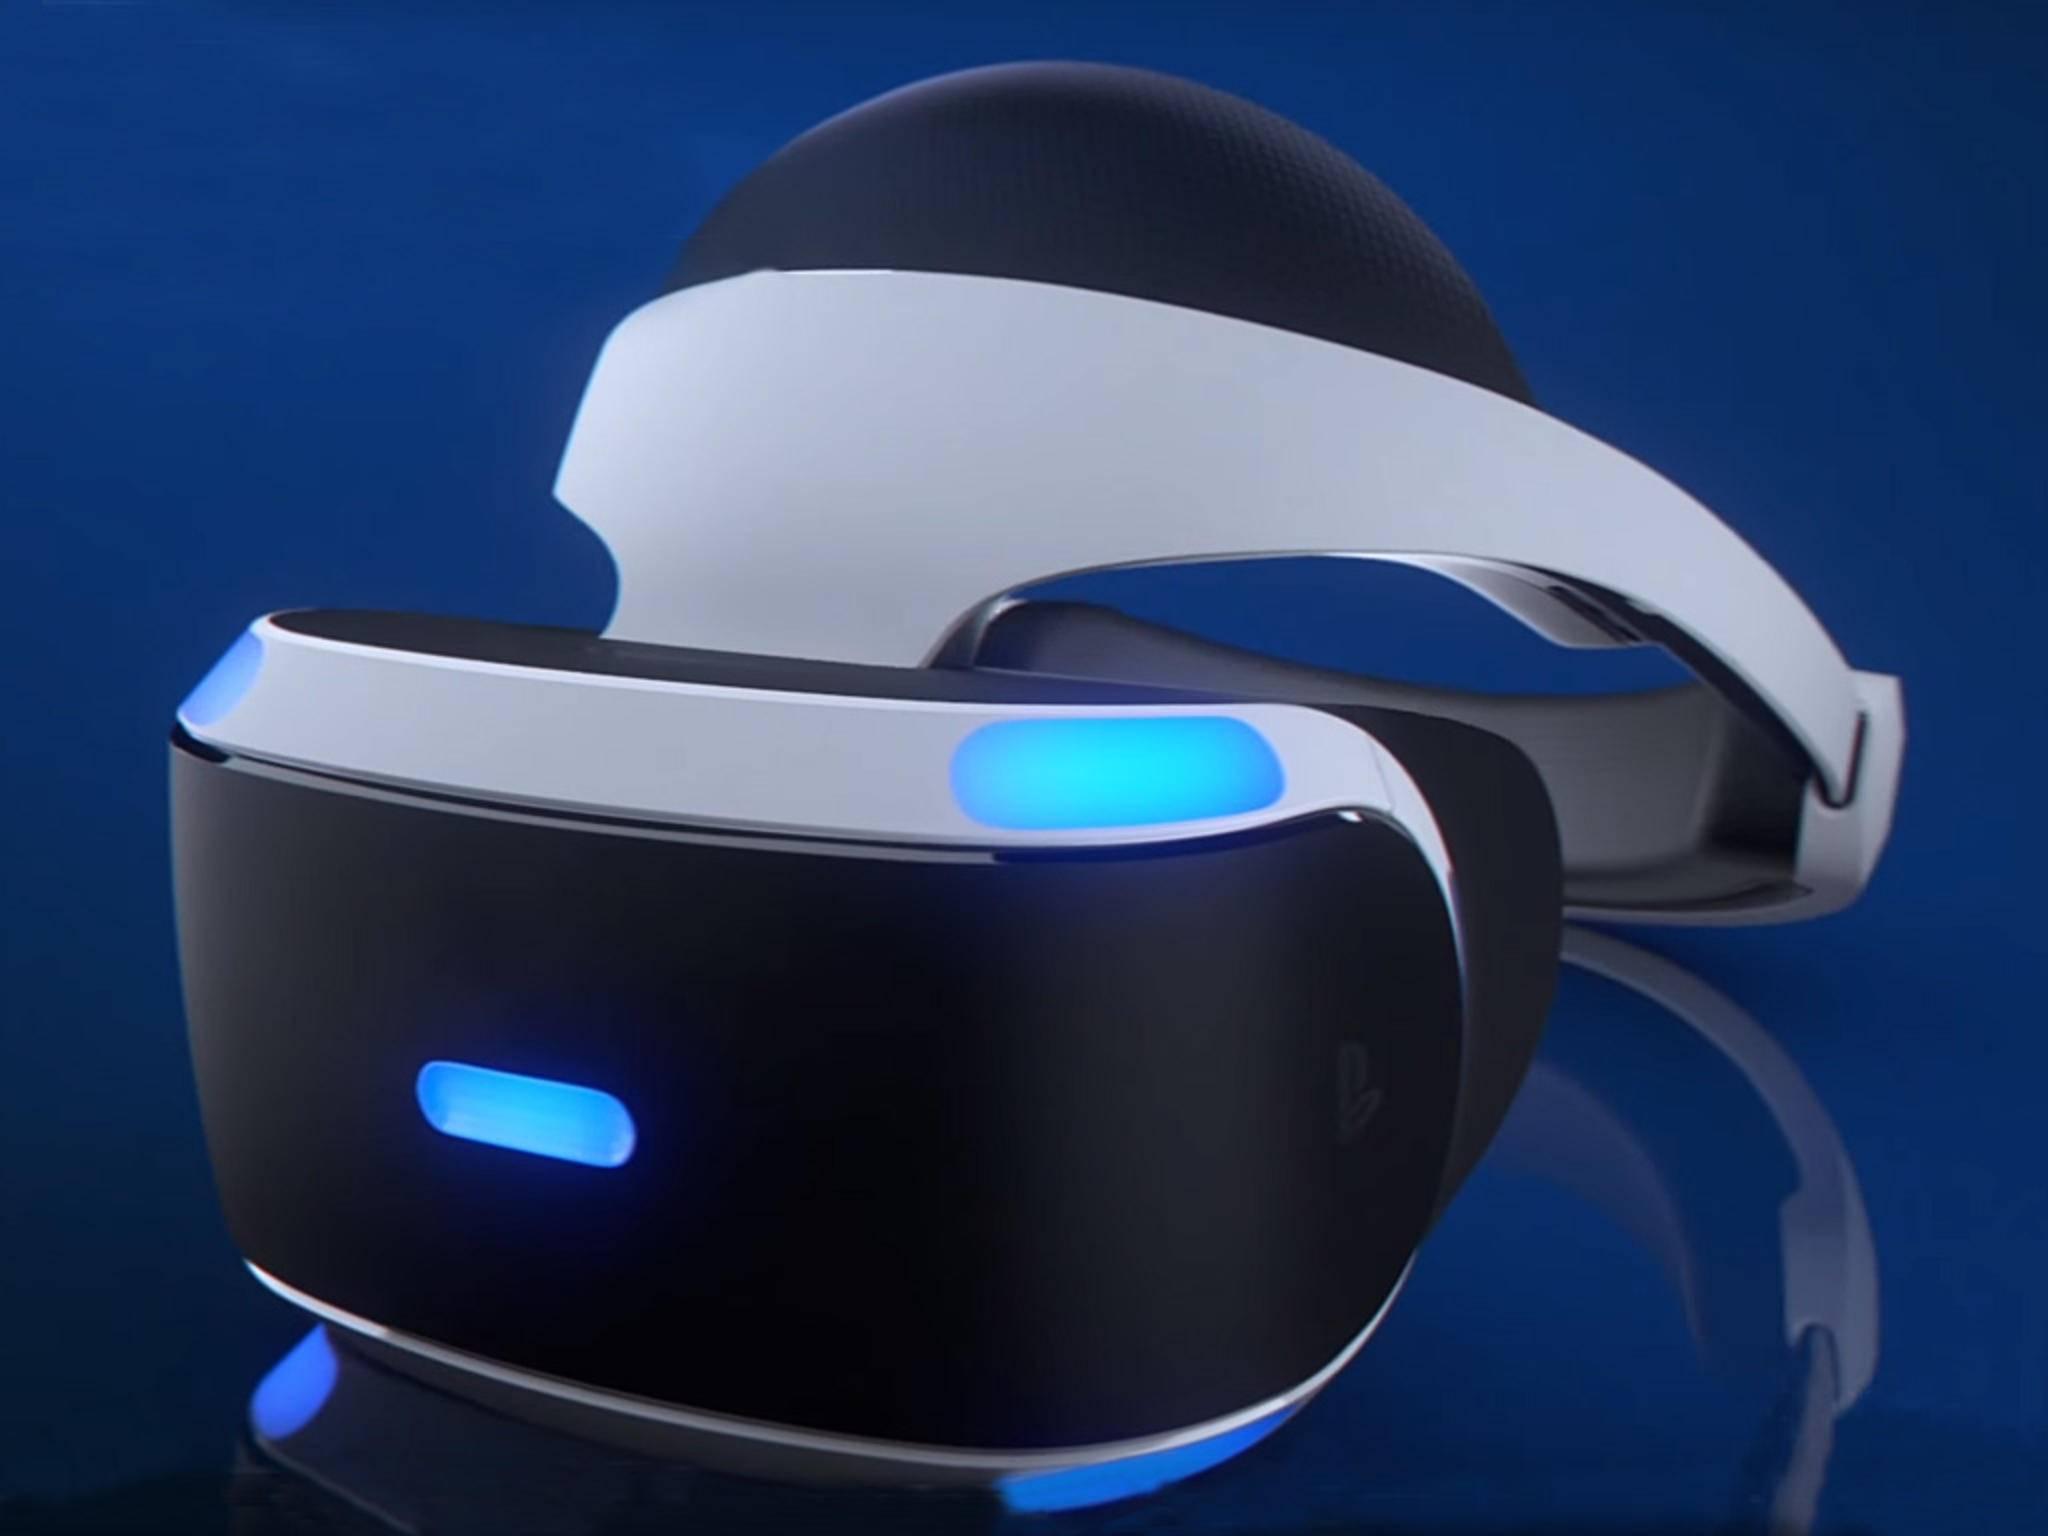 PlayStation VR: Wird die VR-Brille billiger als die Oculus Rift?